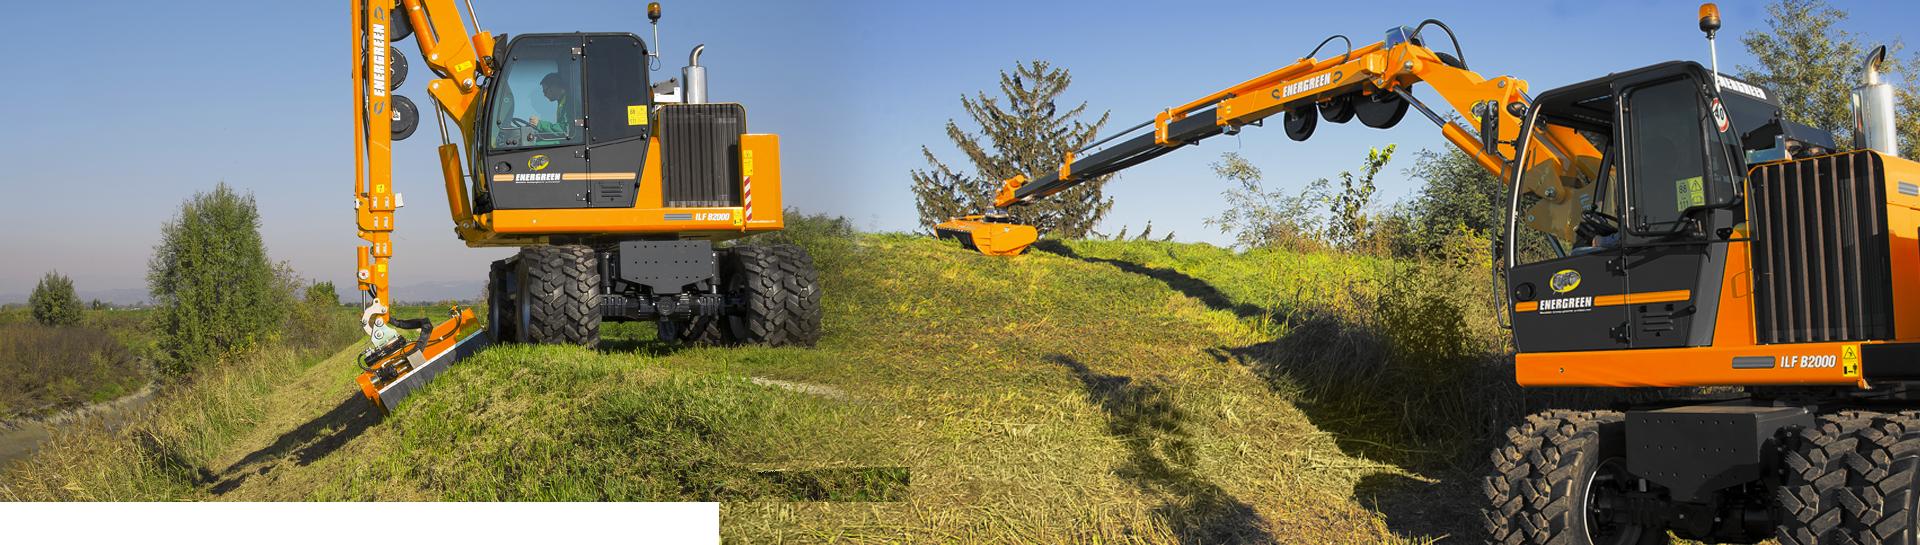 ilf b2000 - selbstfahrende maschinen - energreen germany - maschinen für den professionellen einsatz